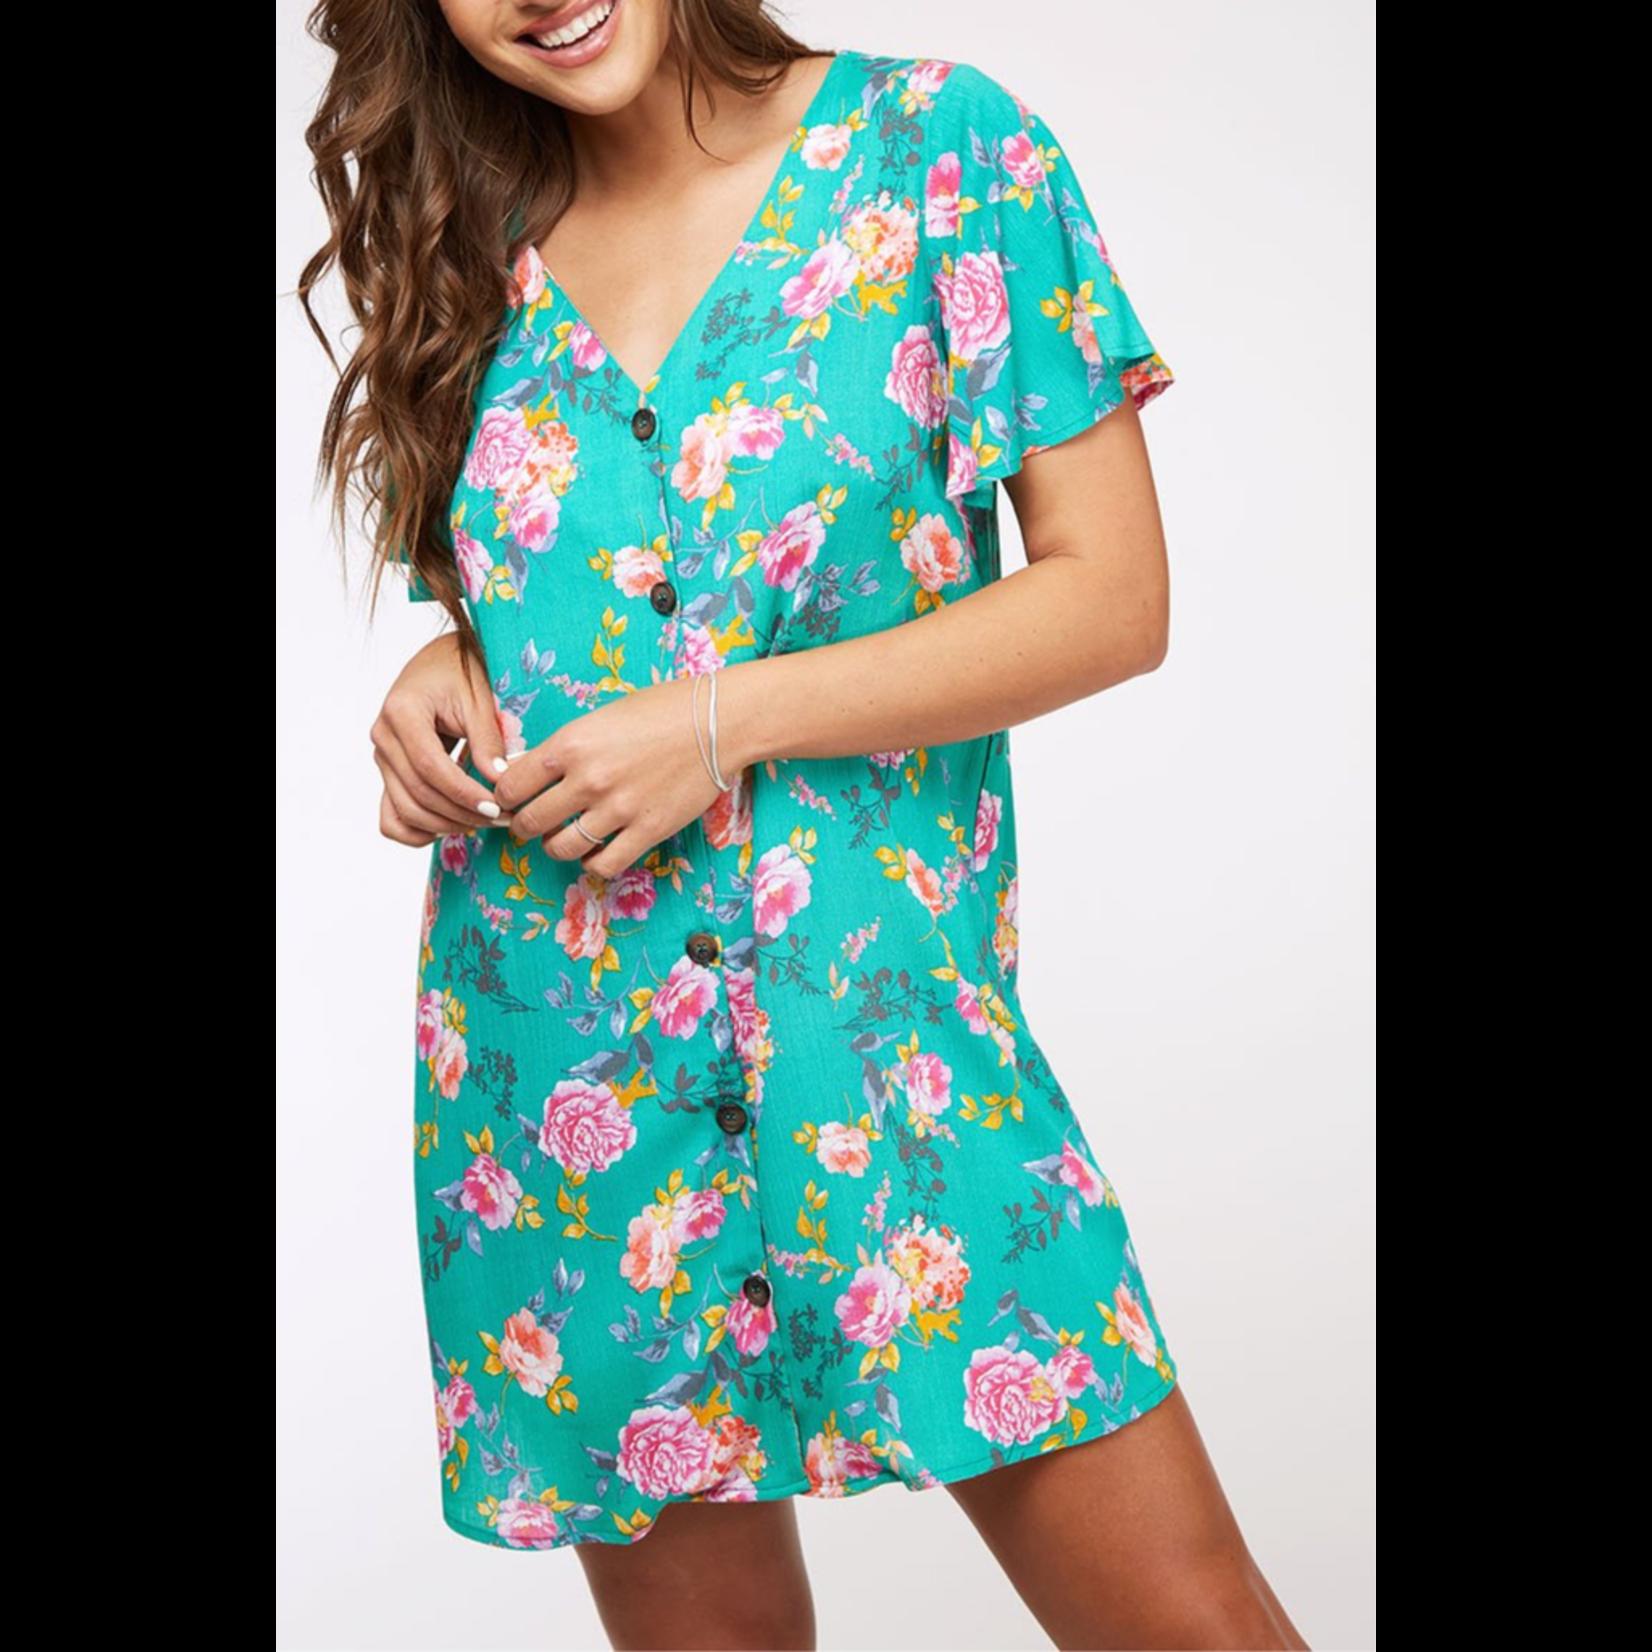 Peach Love CA Floral Printed Button Dress